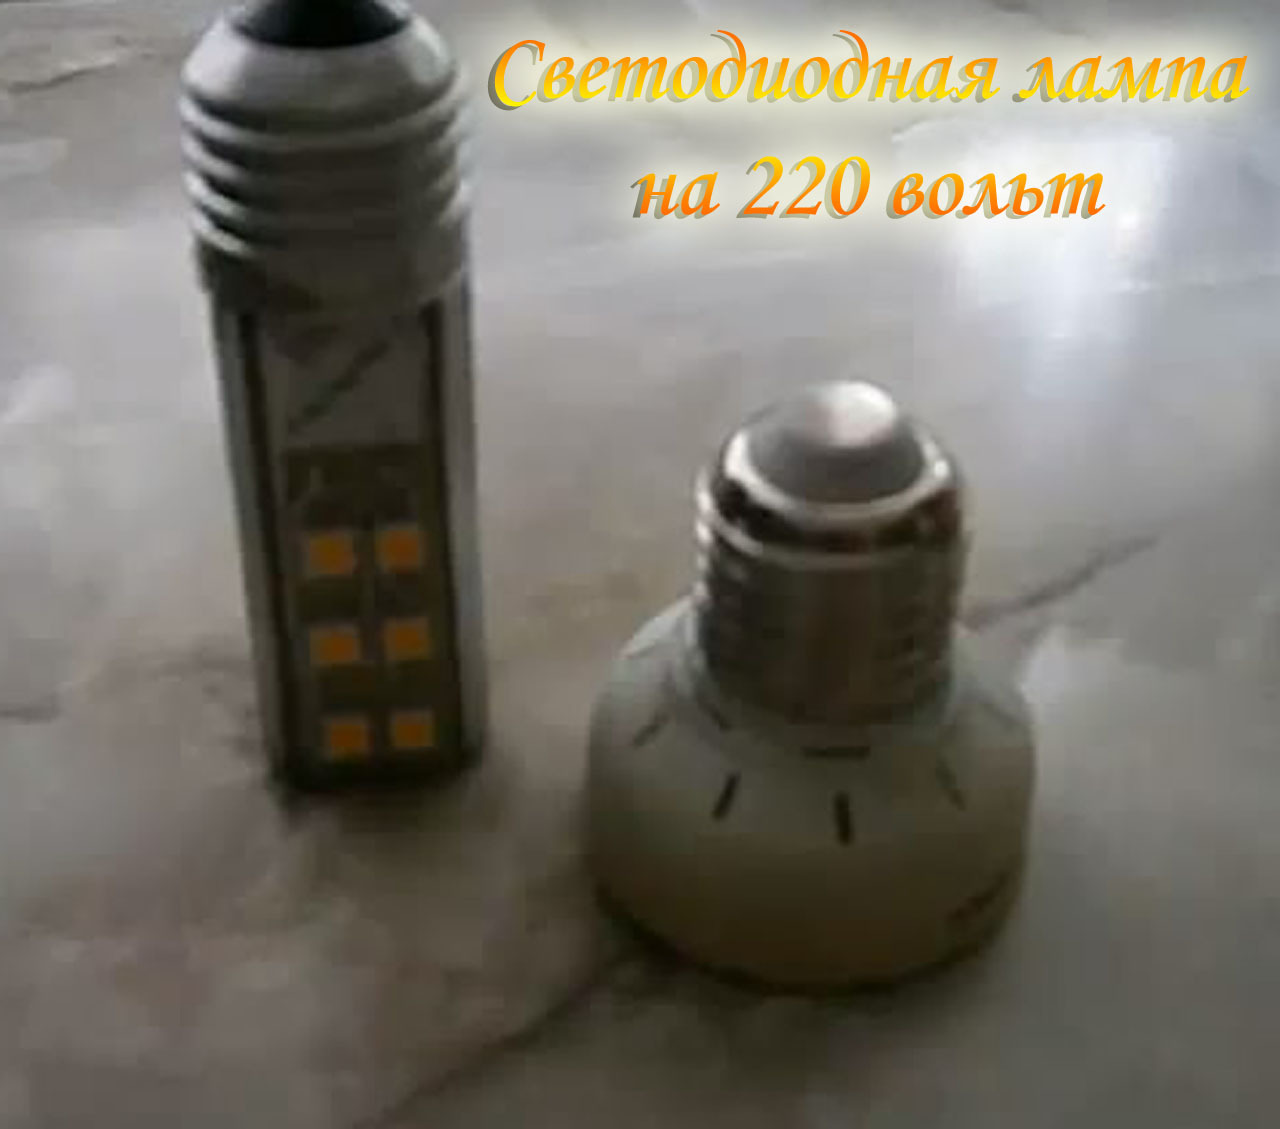 antminer с1